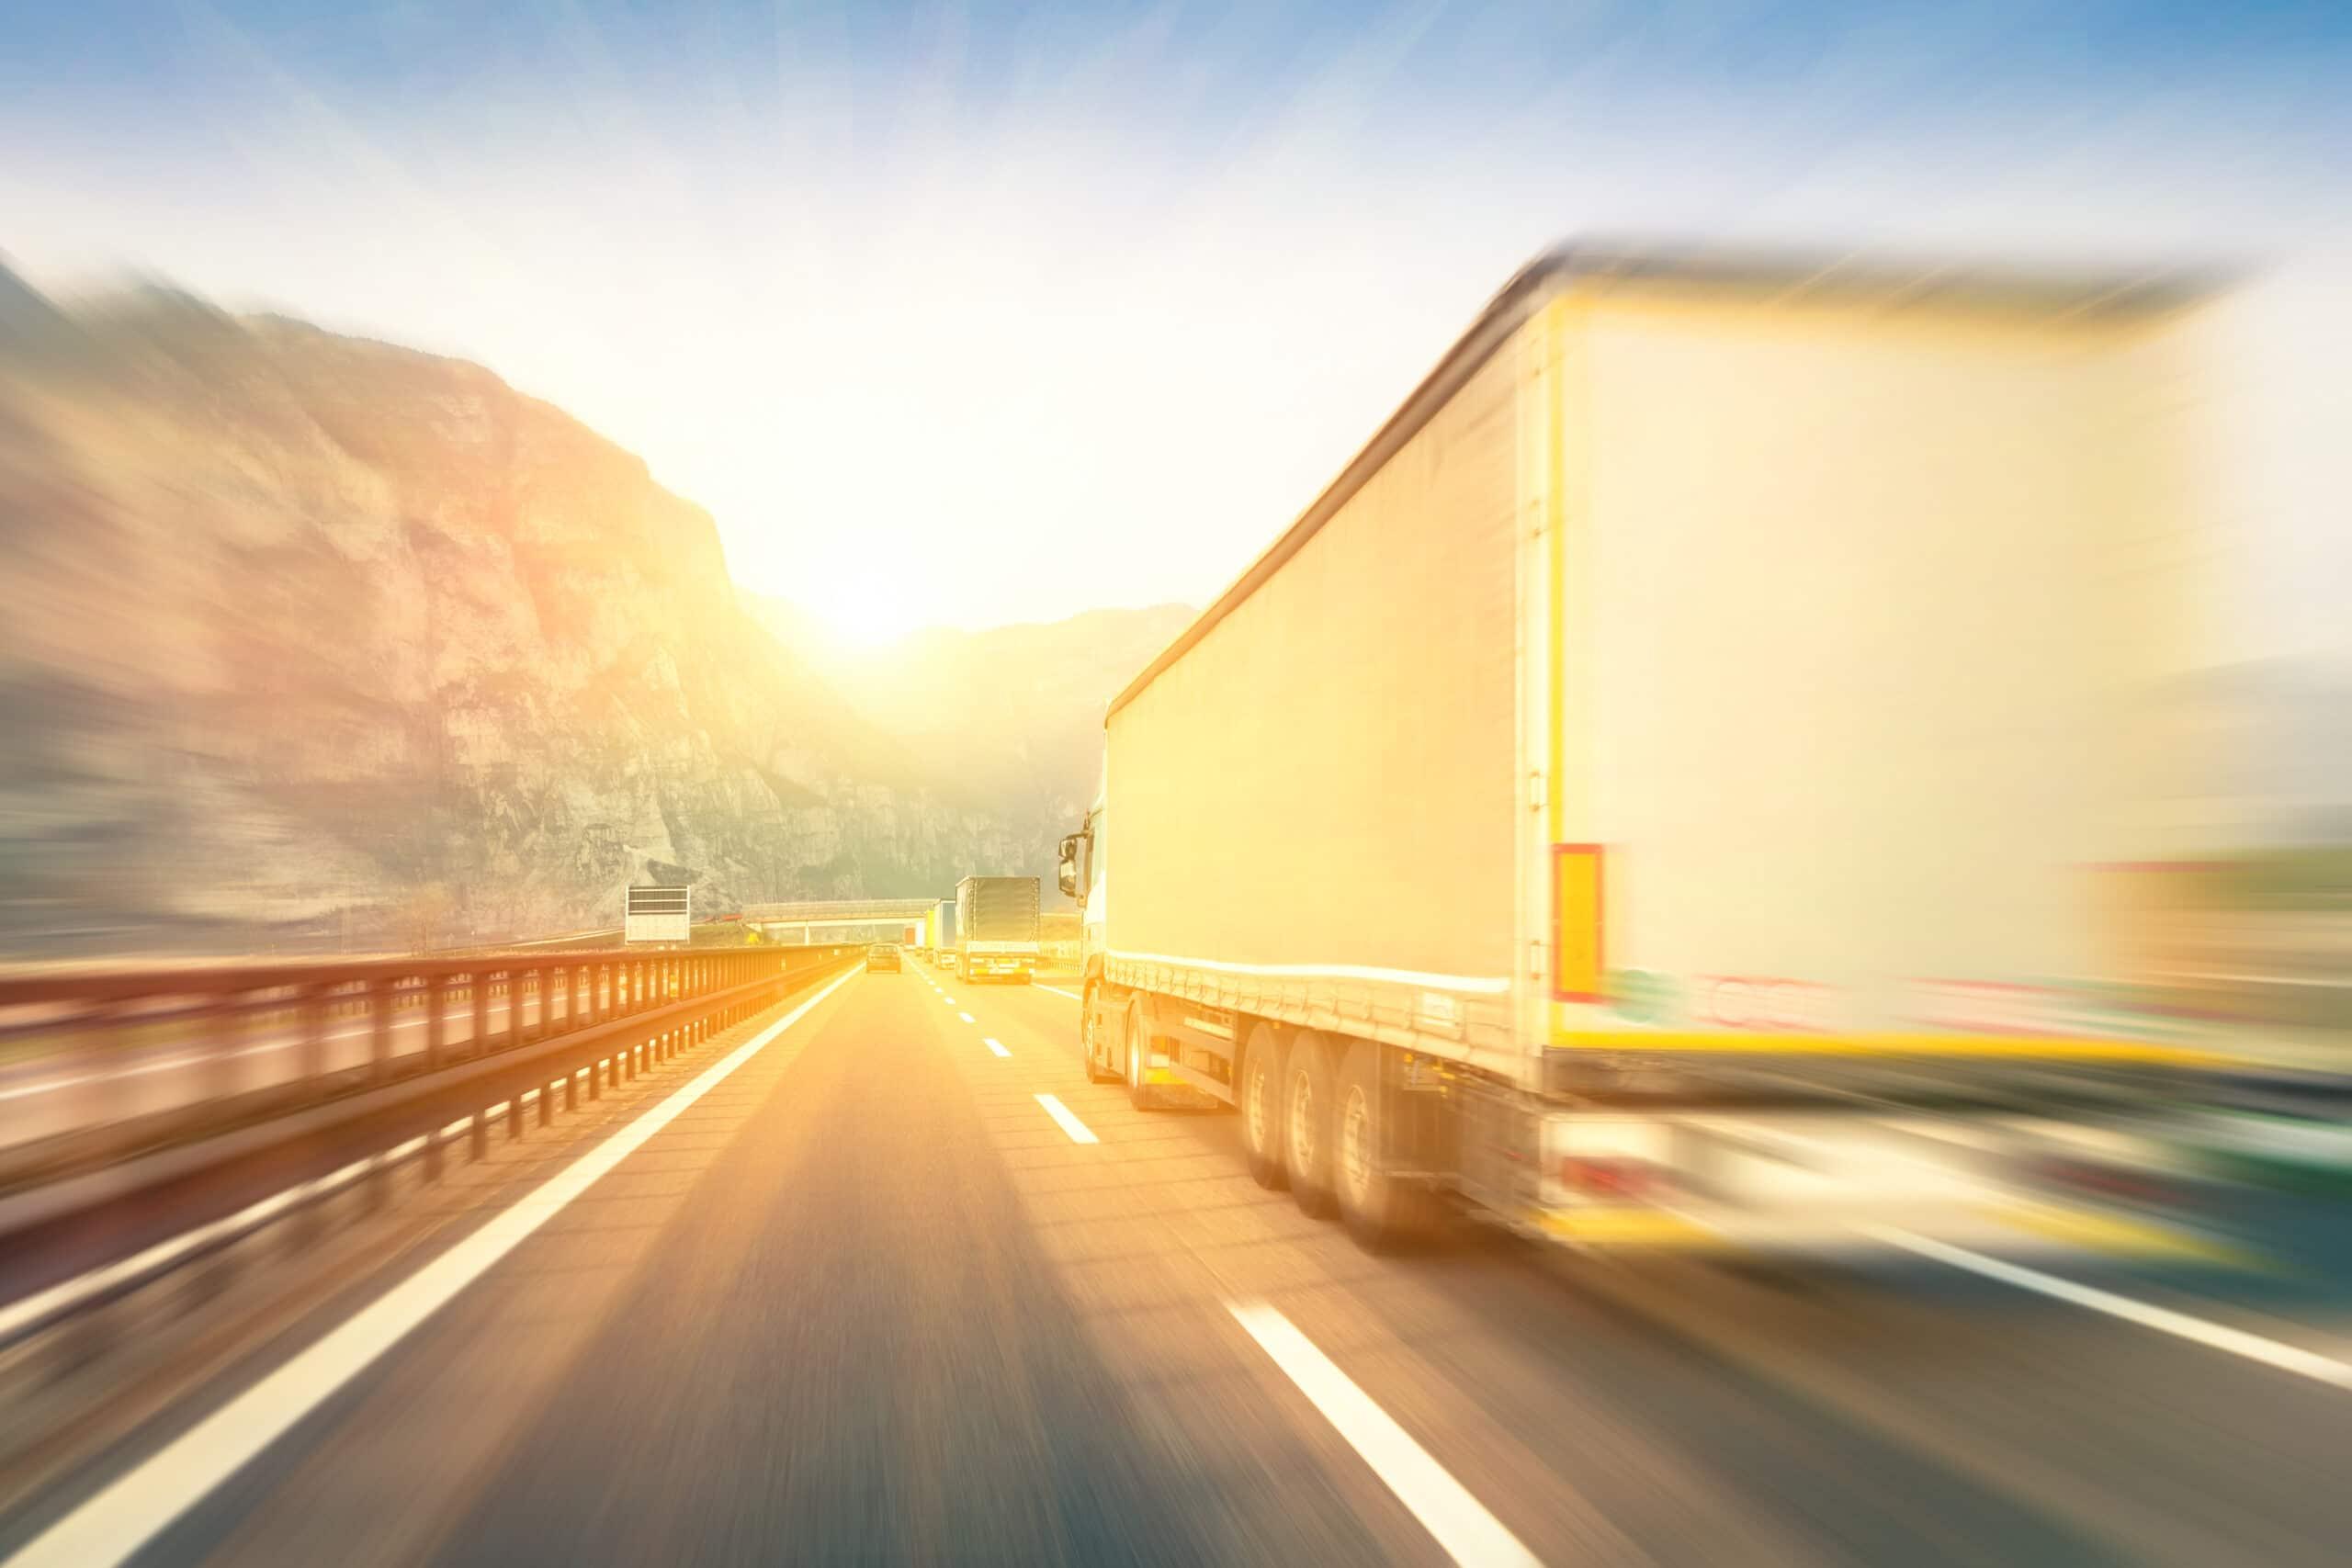 aumento-traffico-pesante-autostrada-2017